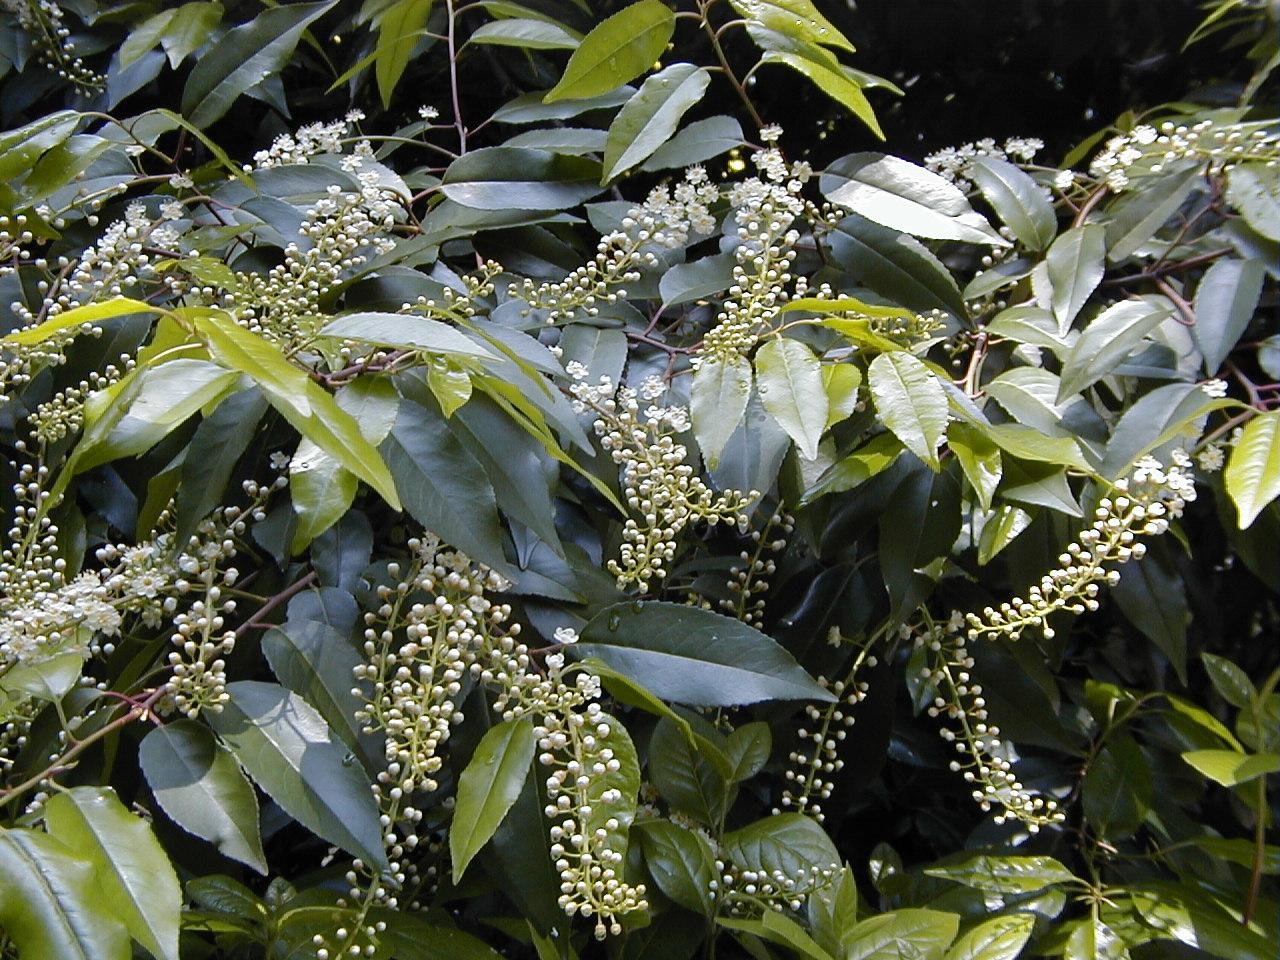 feuillage du laurier du portugal, un arbuste persistant qui fleuri blanc